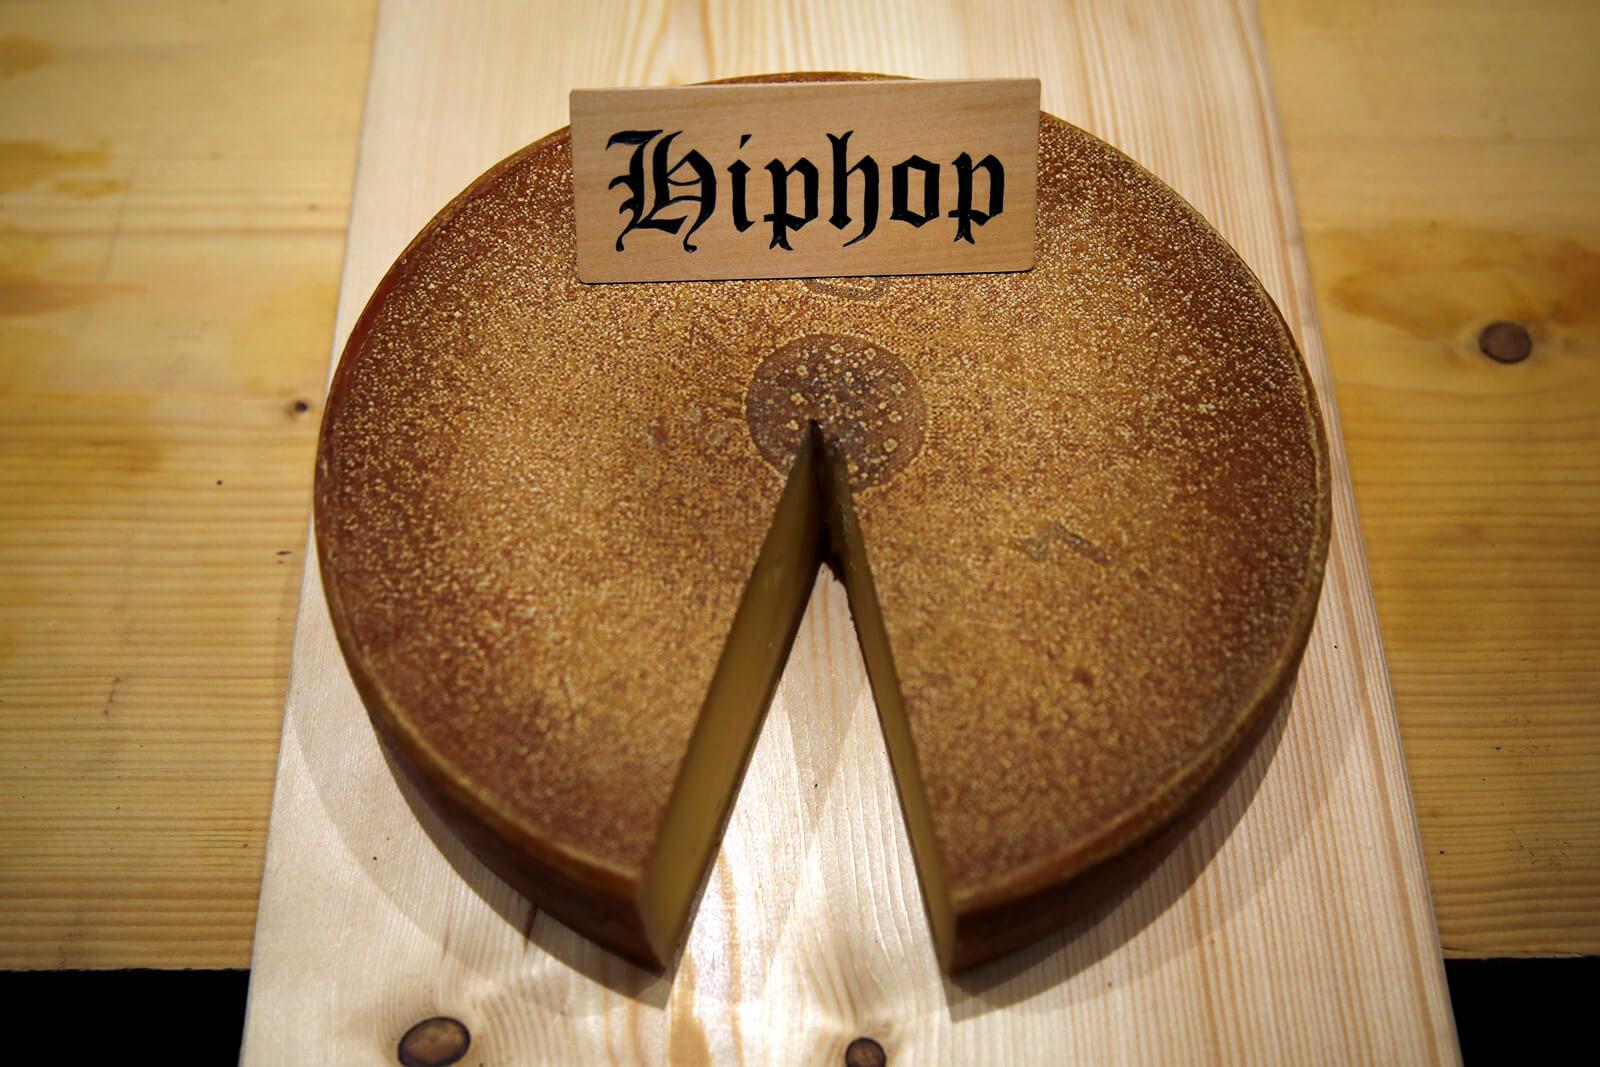 Farklı müzik türlerine maruz kalan peynirlerin farklı tatlara sahip olduğu ortaya çıktı